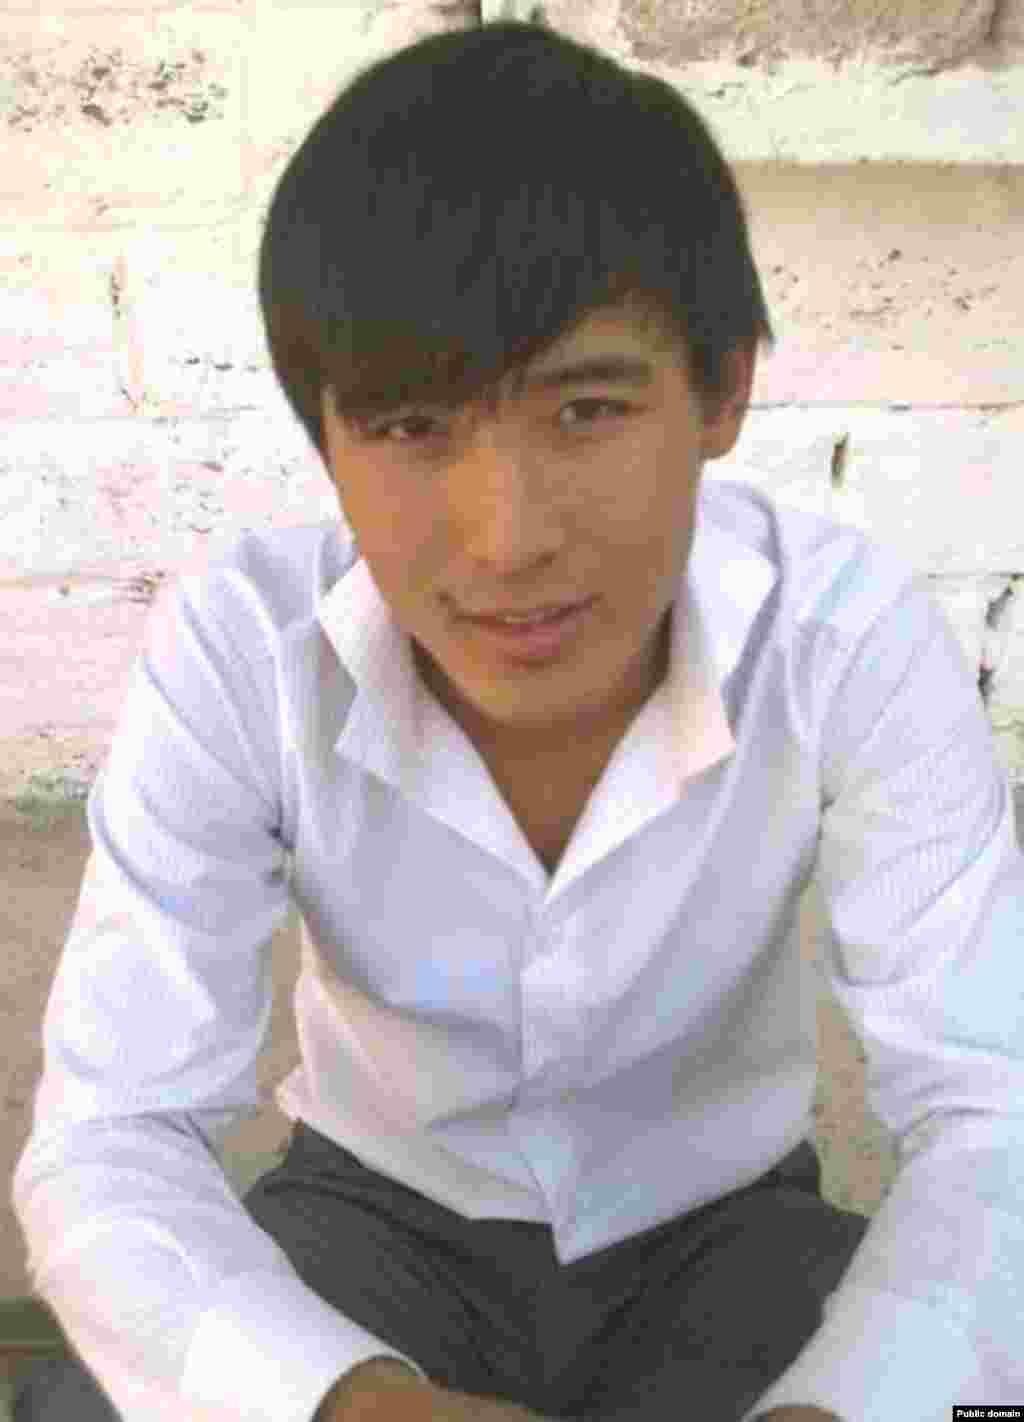 Байбек Кубайдуллаев был убит 16 декабря 2011 года в городе Жанаозен.